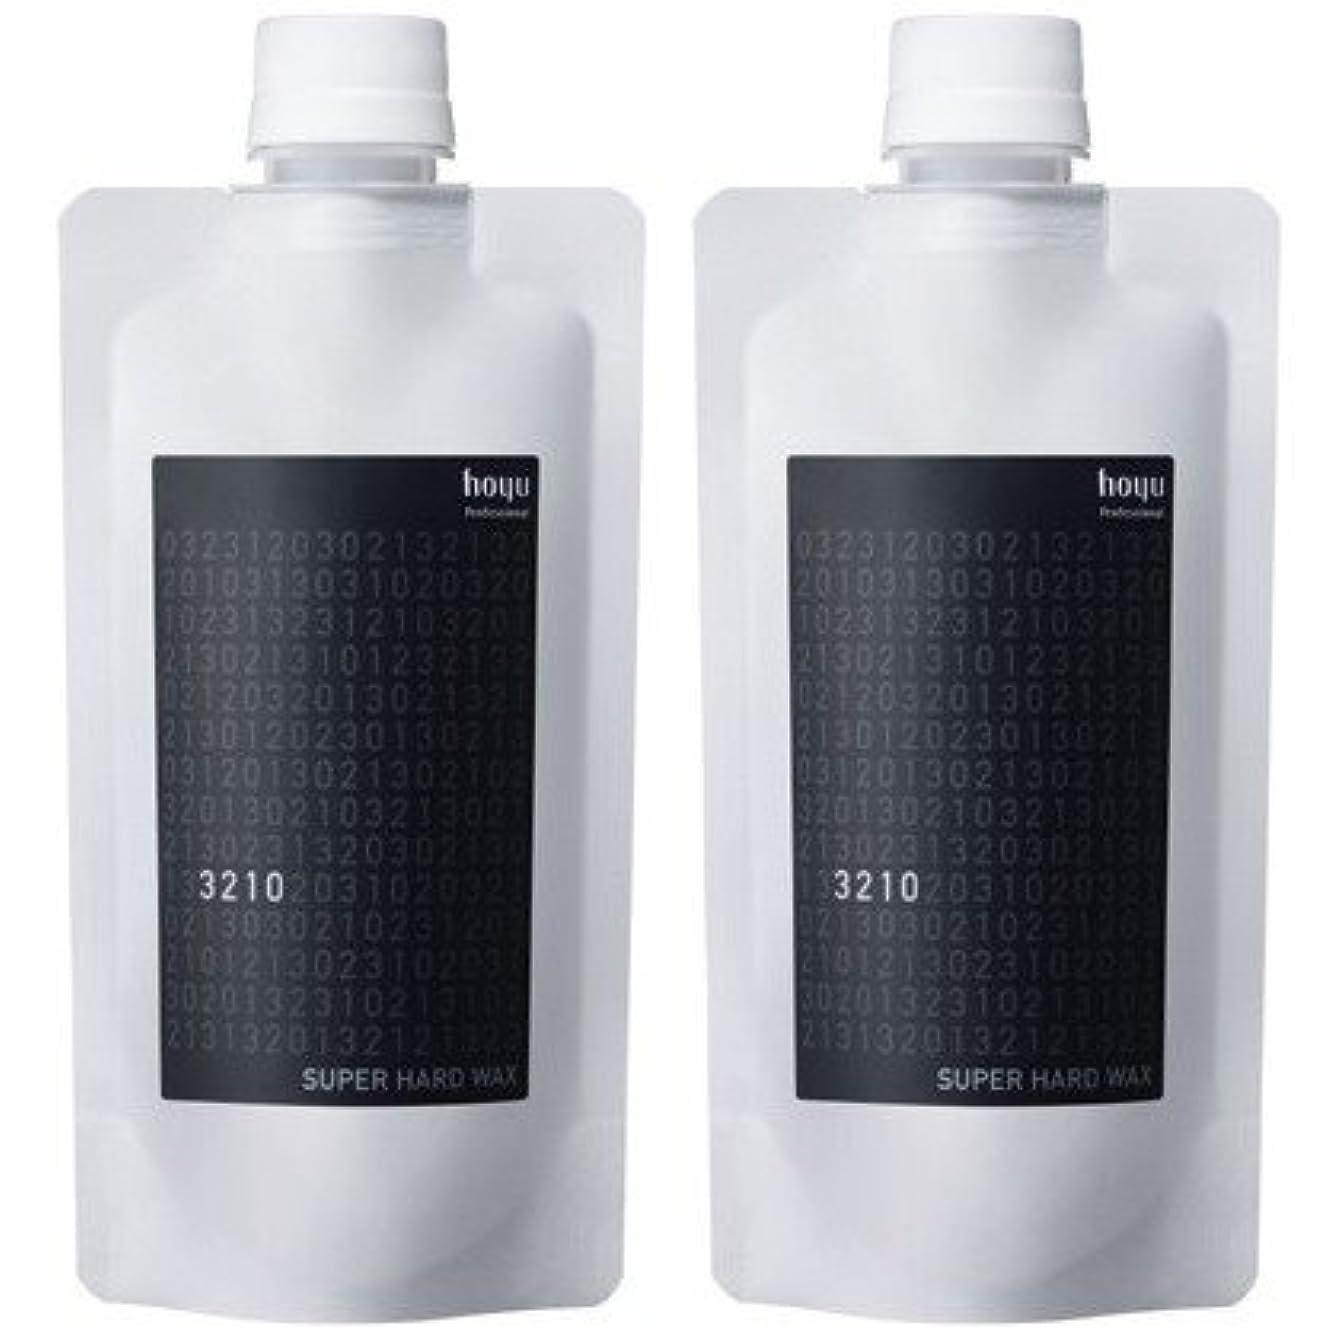 高架バルク問い合わせ【X2個セット】 ホーユー ミニーレ スーパーハードワックス 200g 詰替用